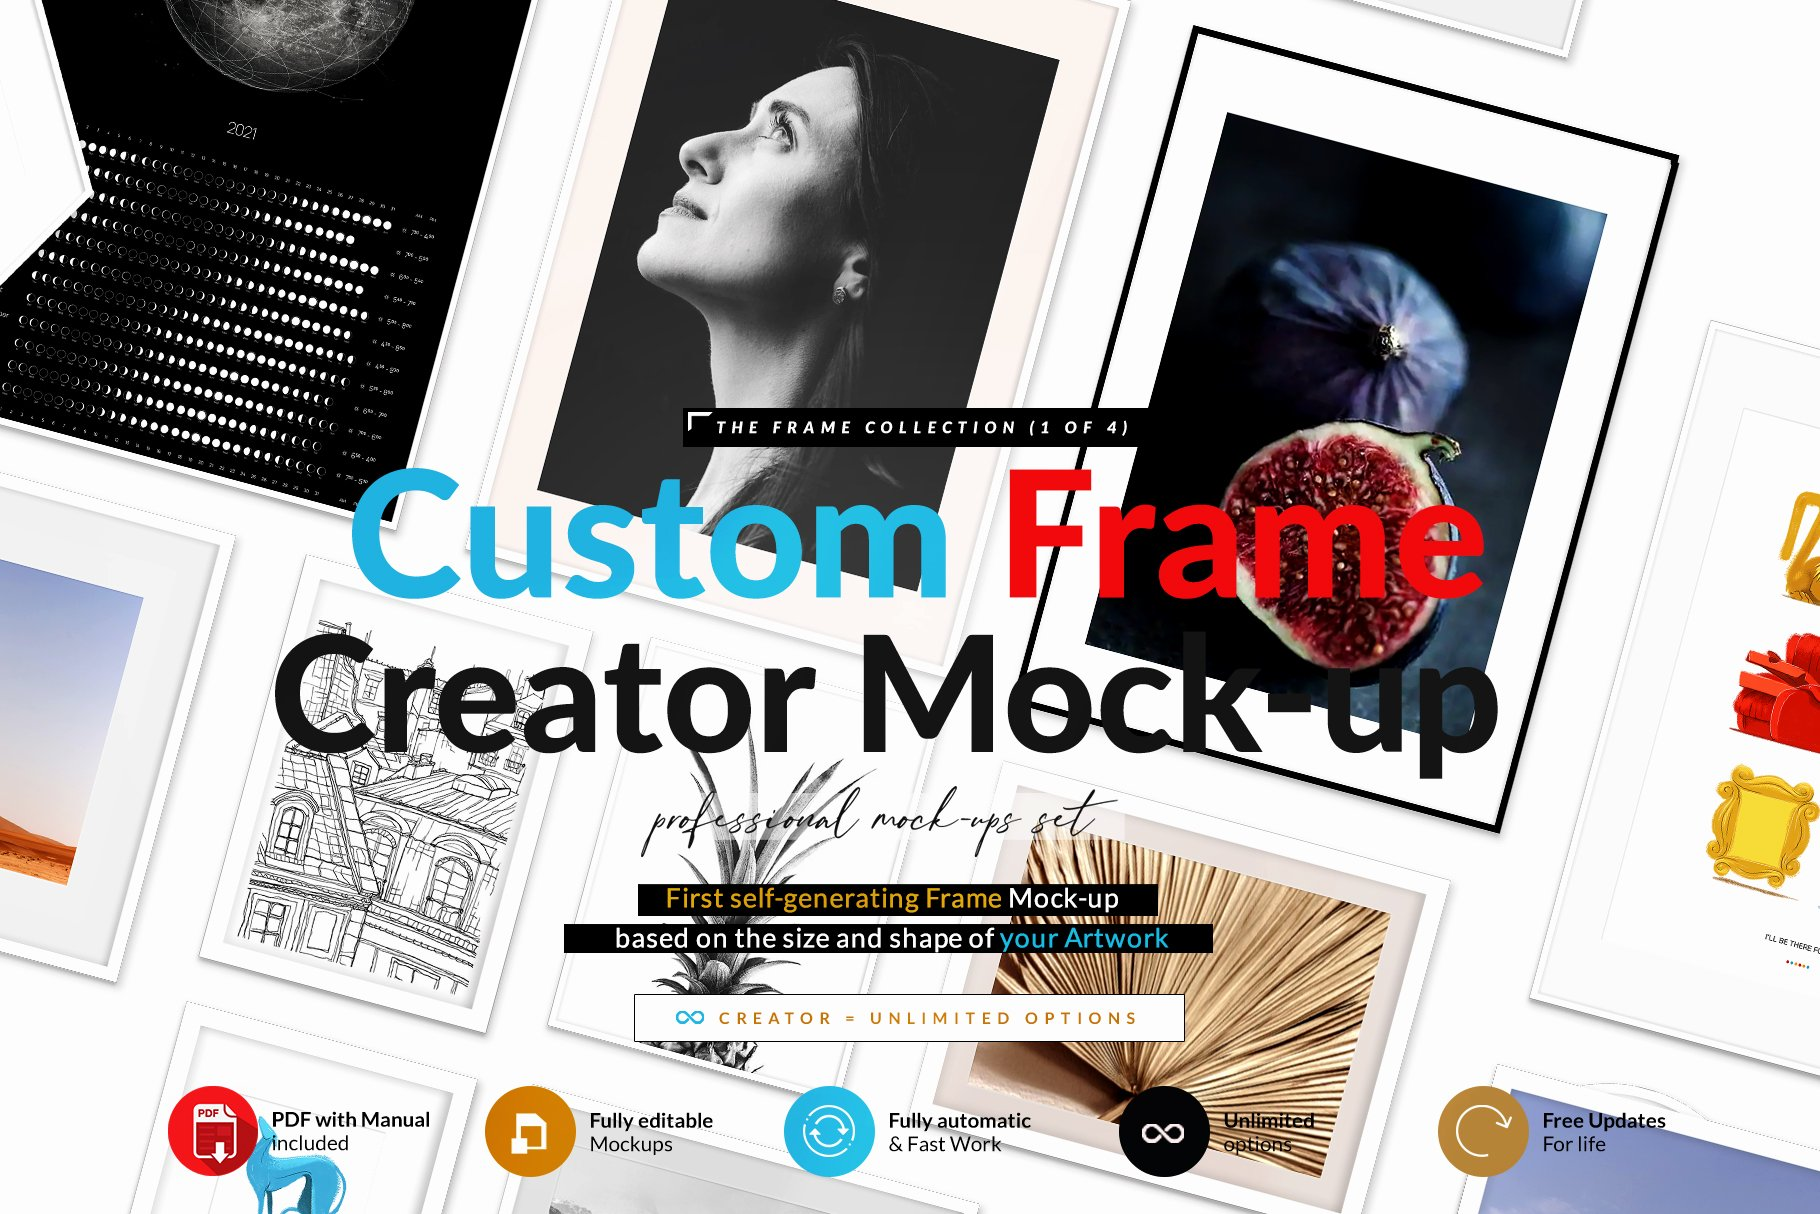 时尚绘画艺术品相片展示相框框架样机模板 Automatic Frame Mock-up Creator插图